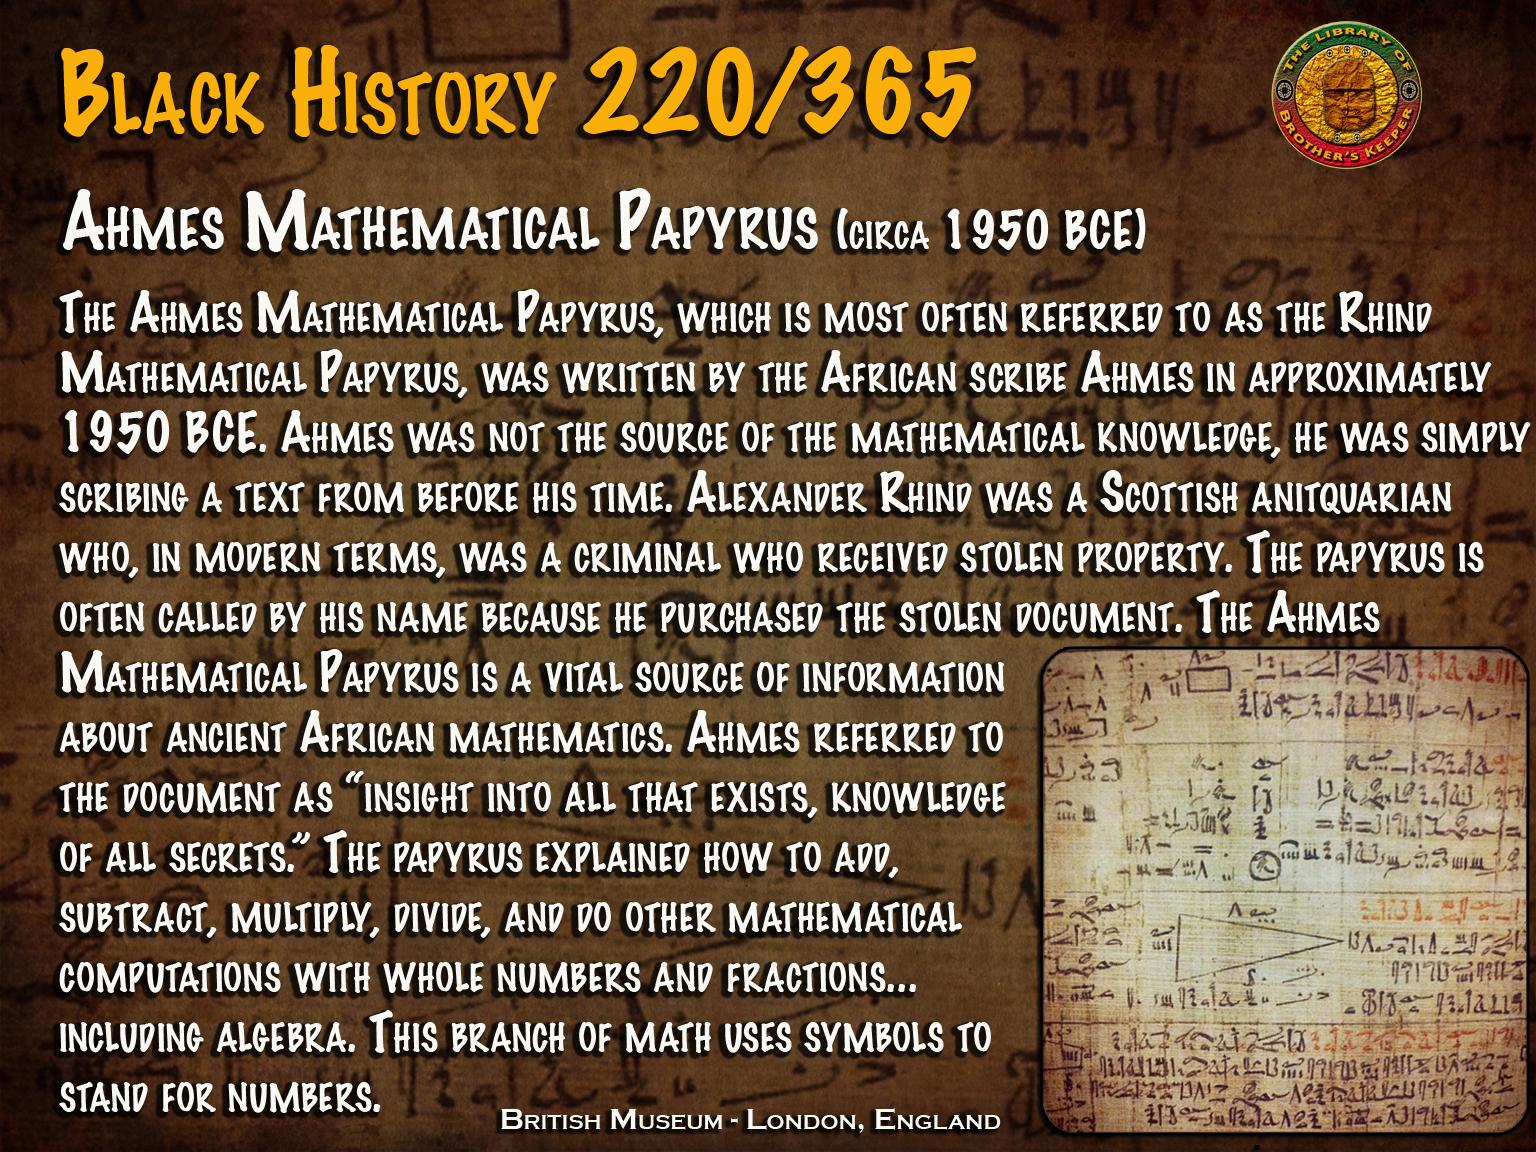 Kemety Mathematical Papyrus